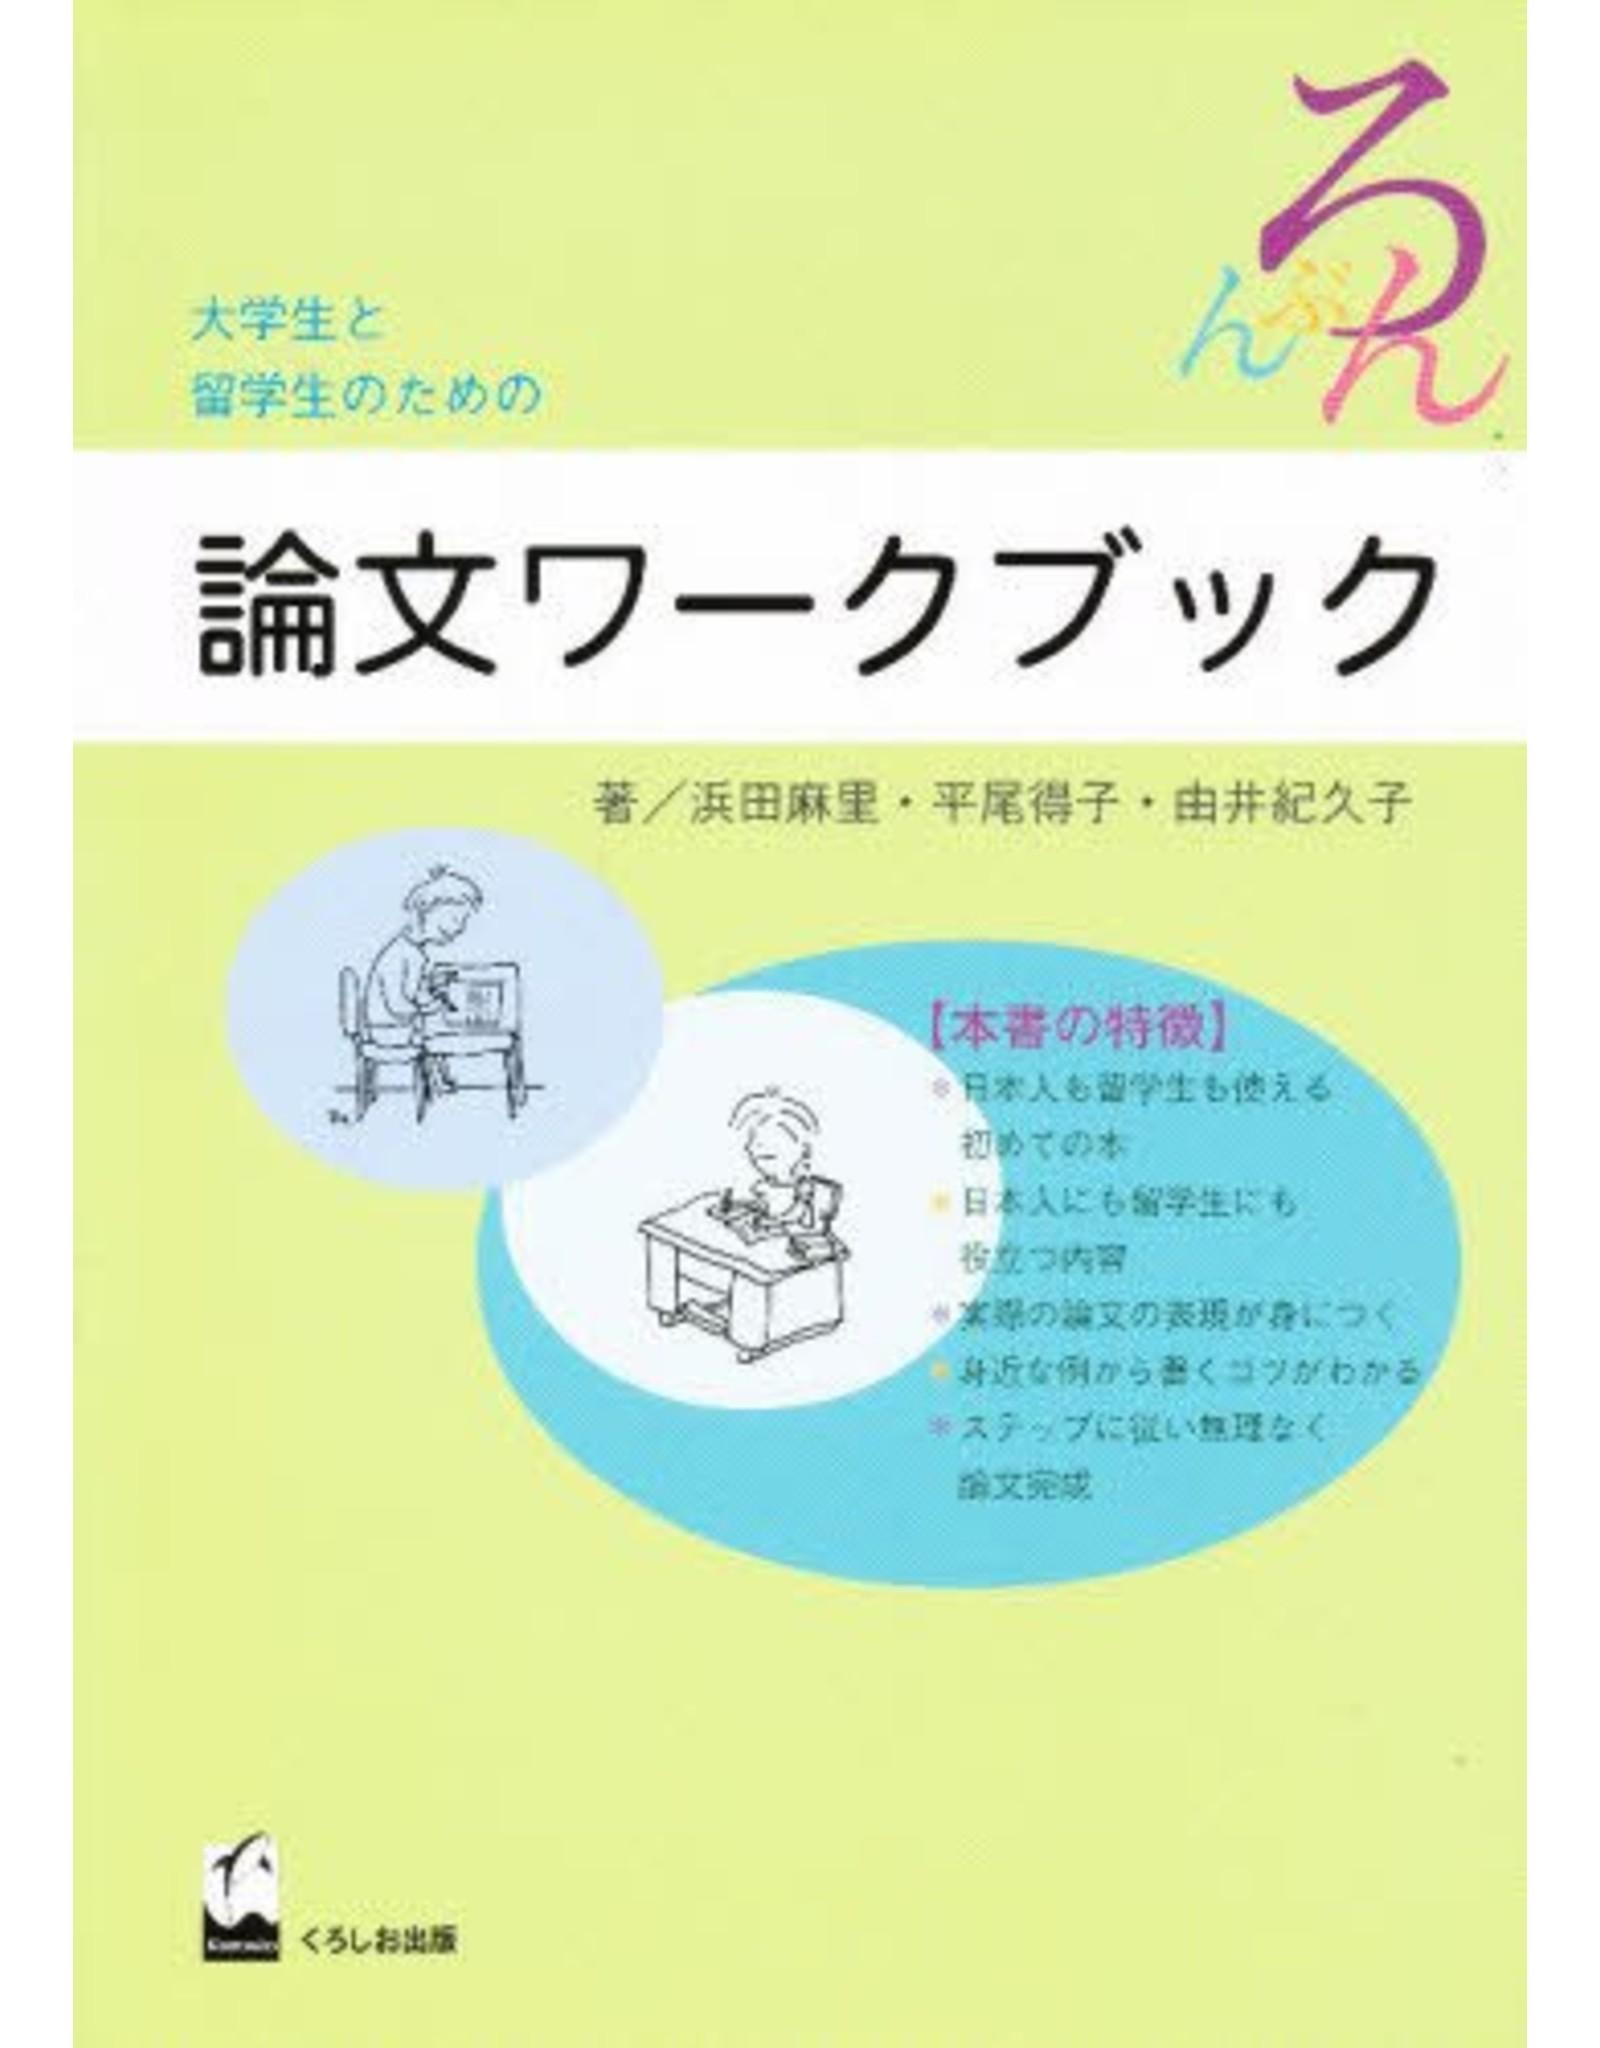 KUROSHIO DAIGAKUSEI TO RYUGAKUSEI NO TAME NO RONBUN WORKBOOK